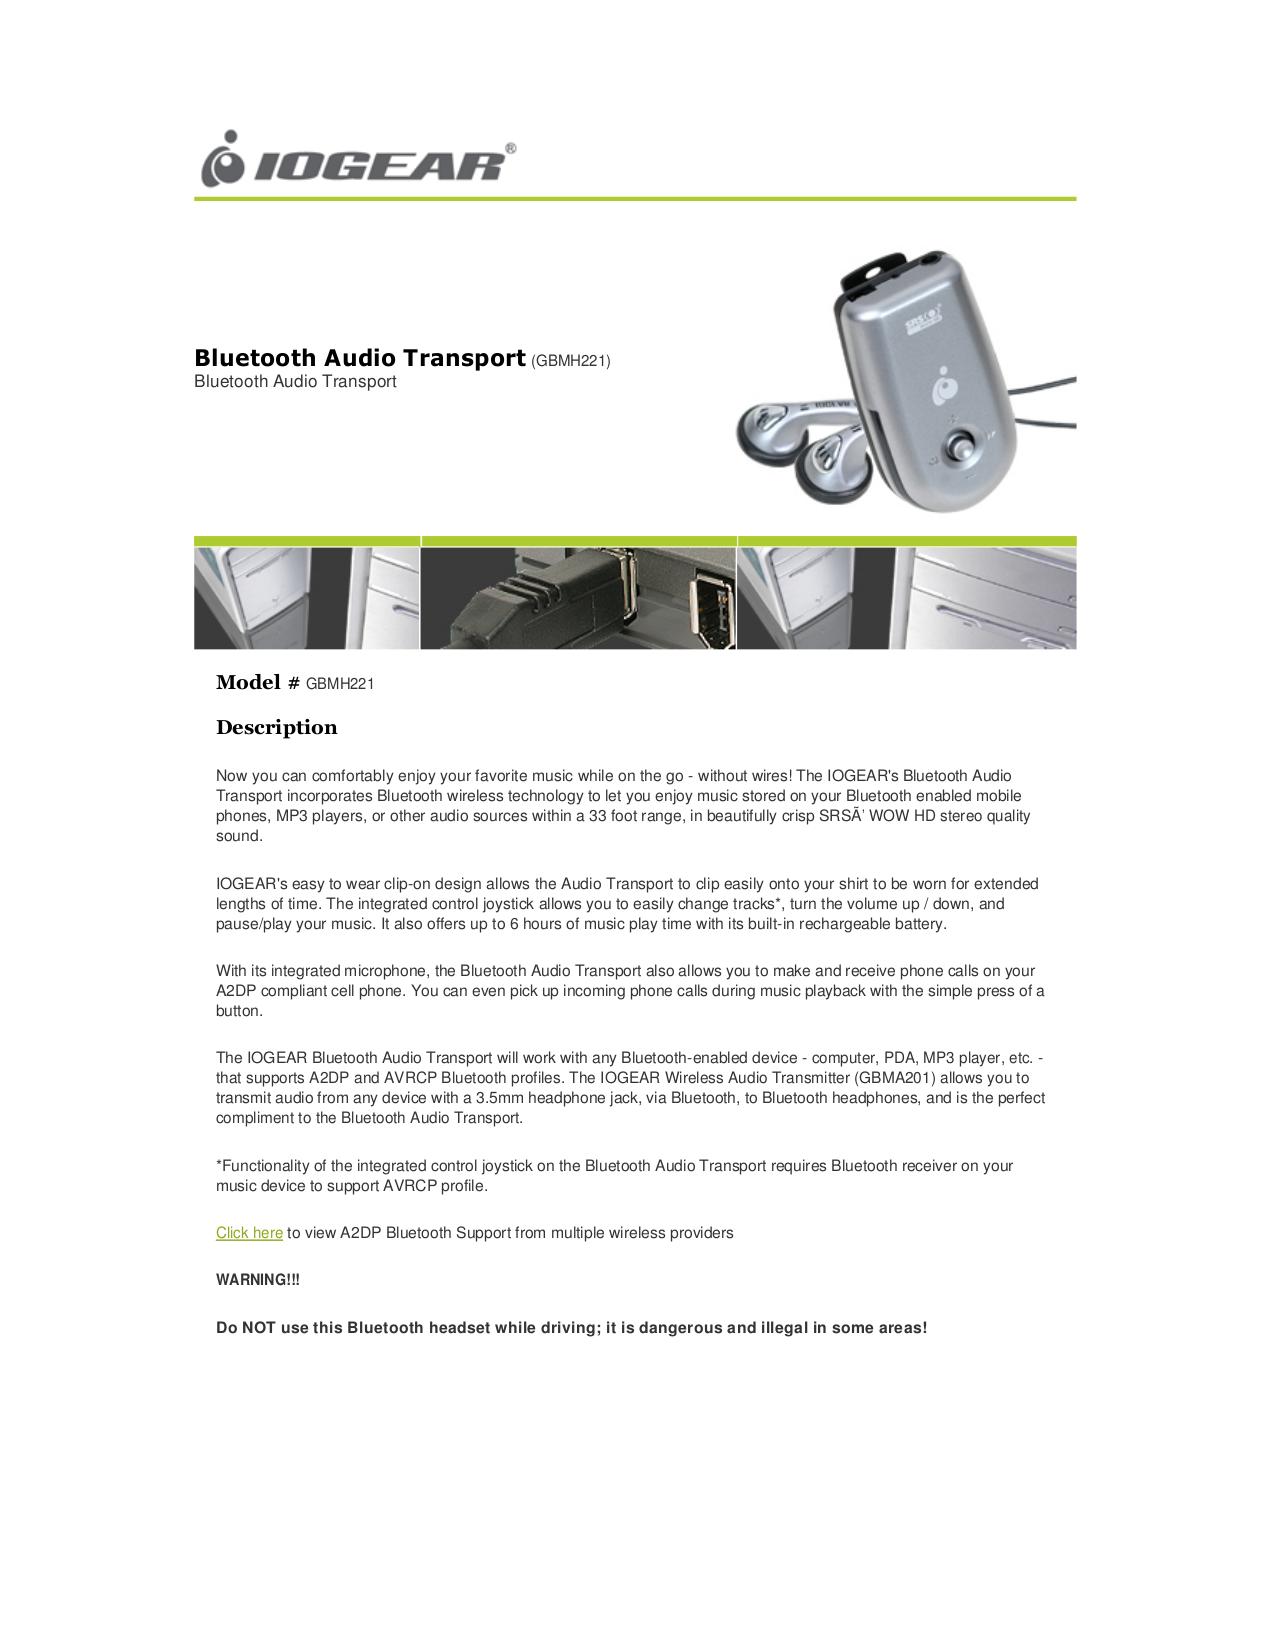 pdf for IOGEAR Headphone GBMH221 manual